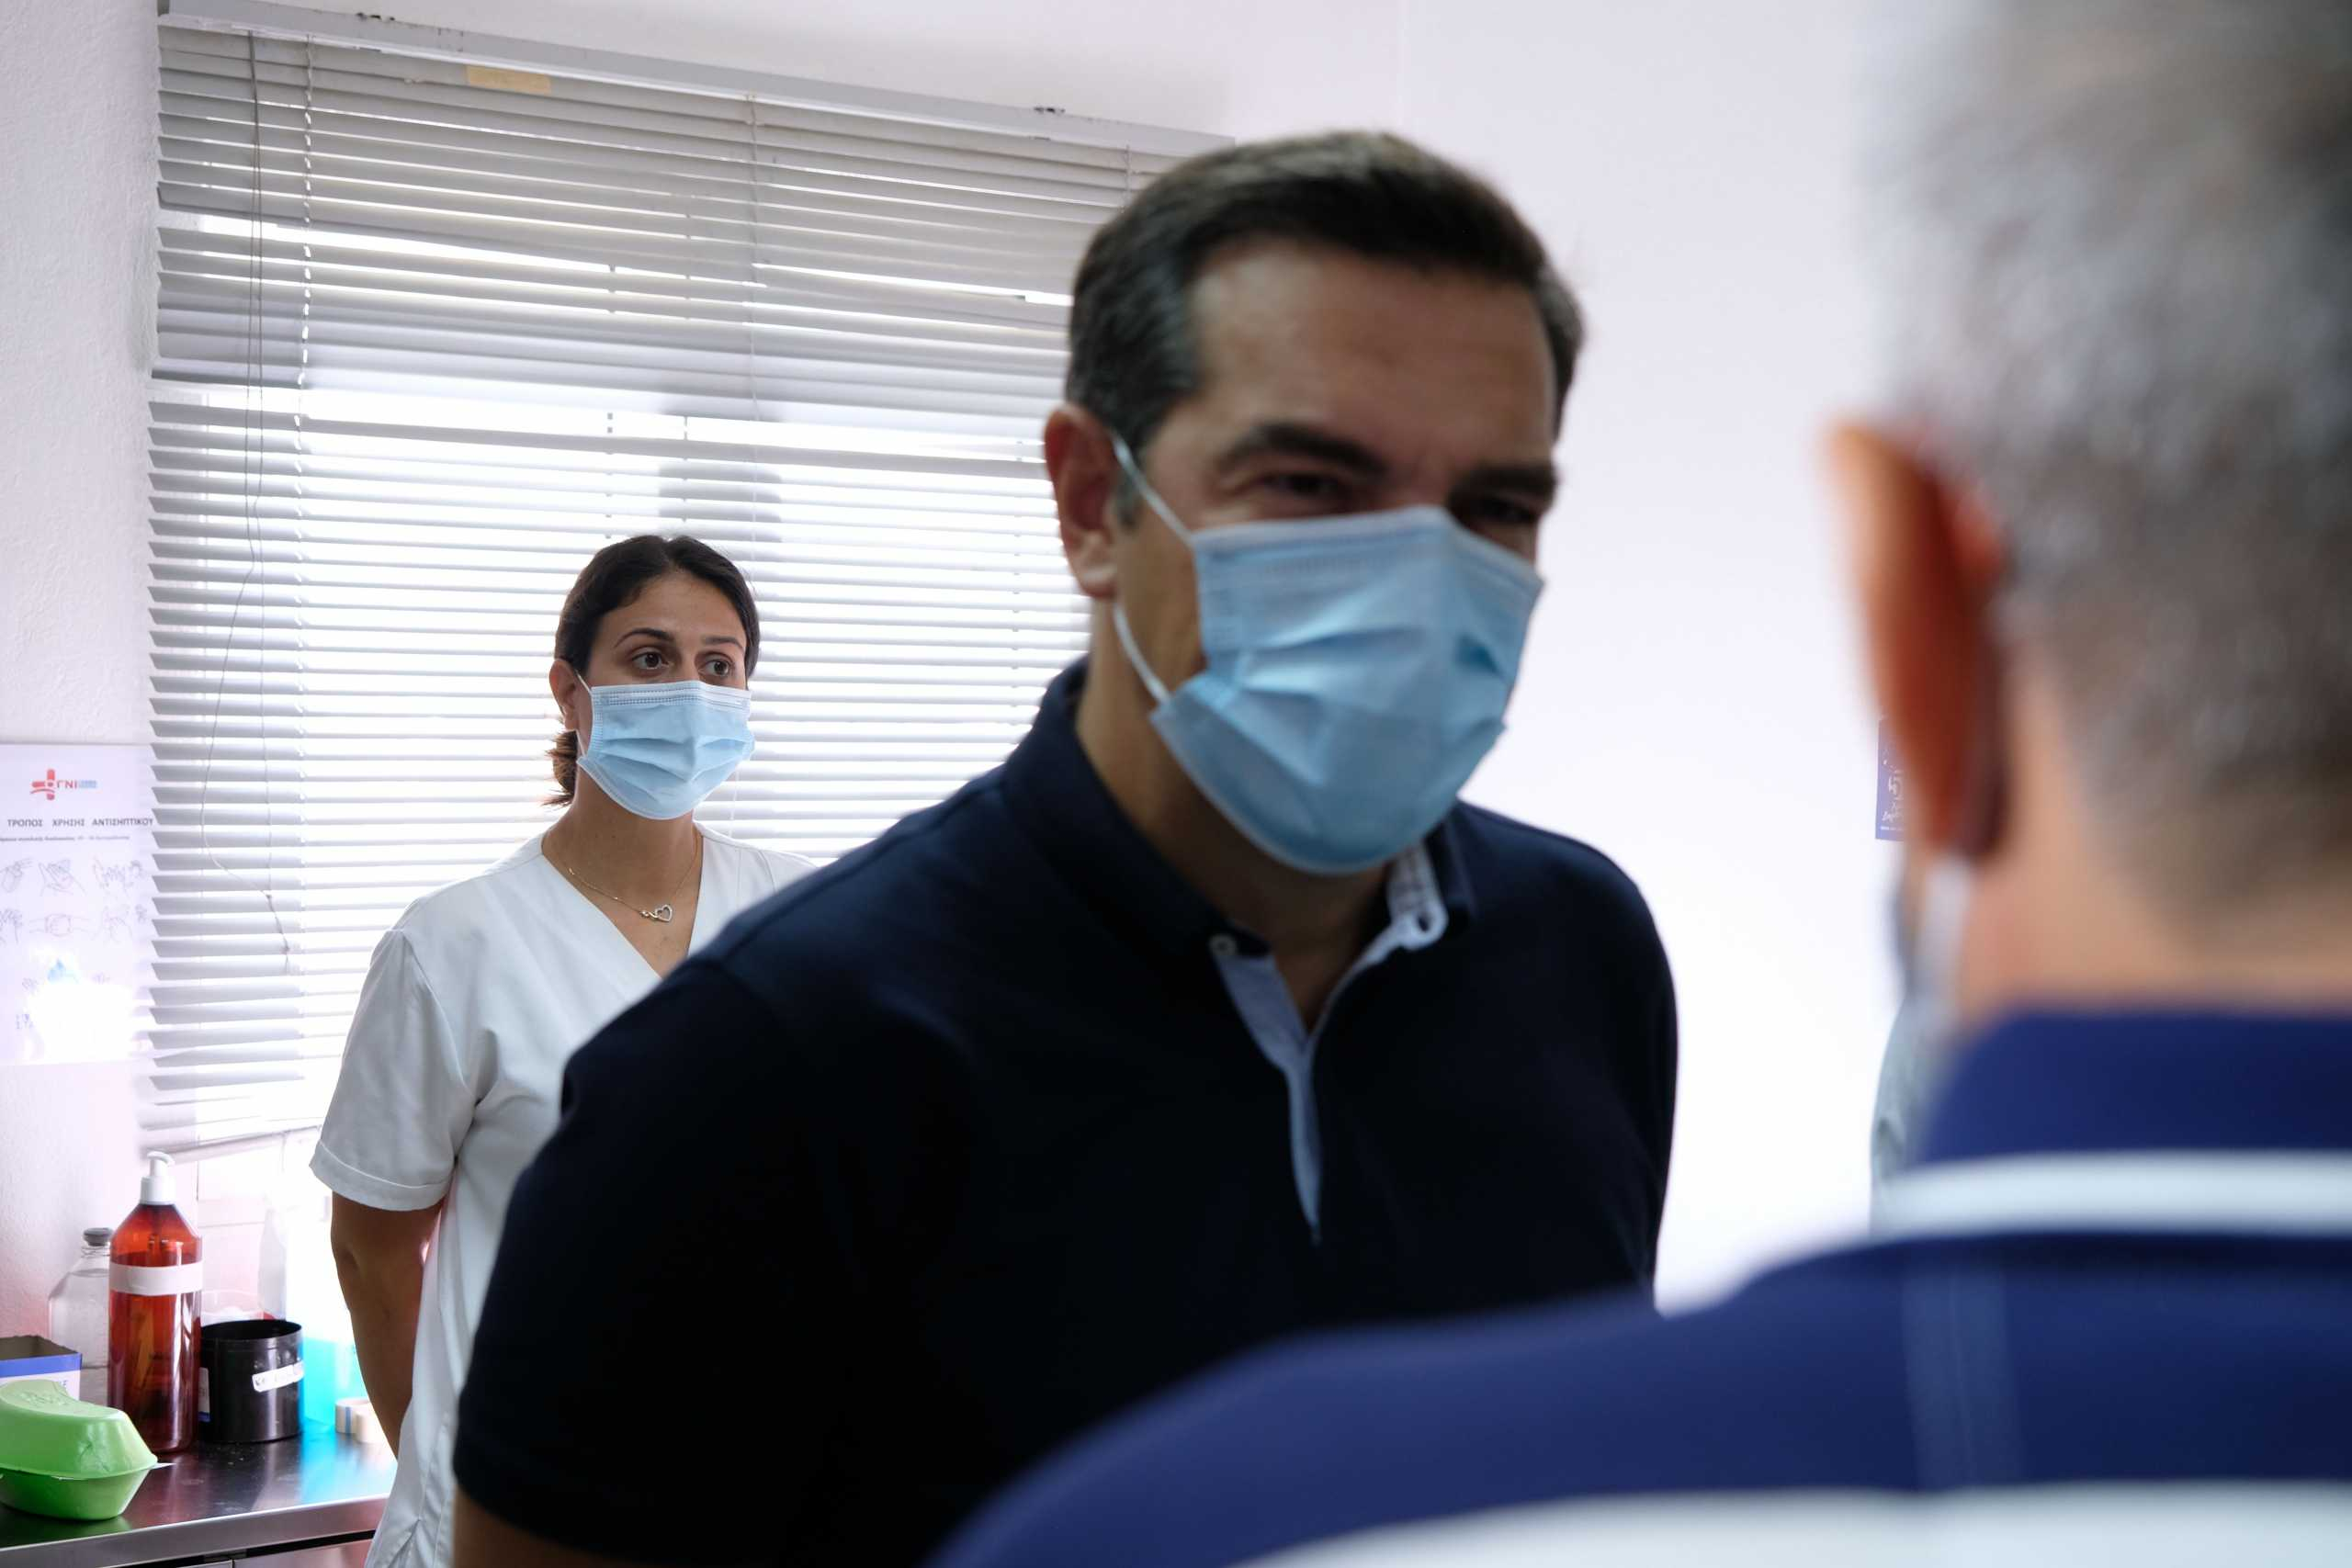 Αλέξης Τσίπρας: Τηρείτε τα μέτρα – Μην τολμήσει η κυβέρνηση συγχωνεύσεις και κλείσιμο νοσοκομείων